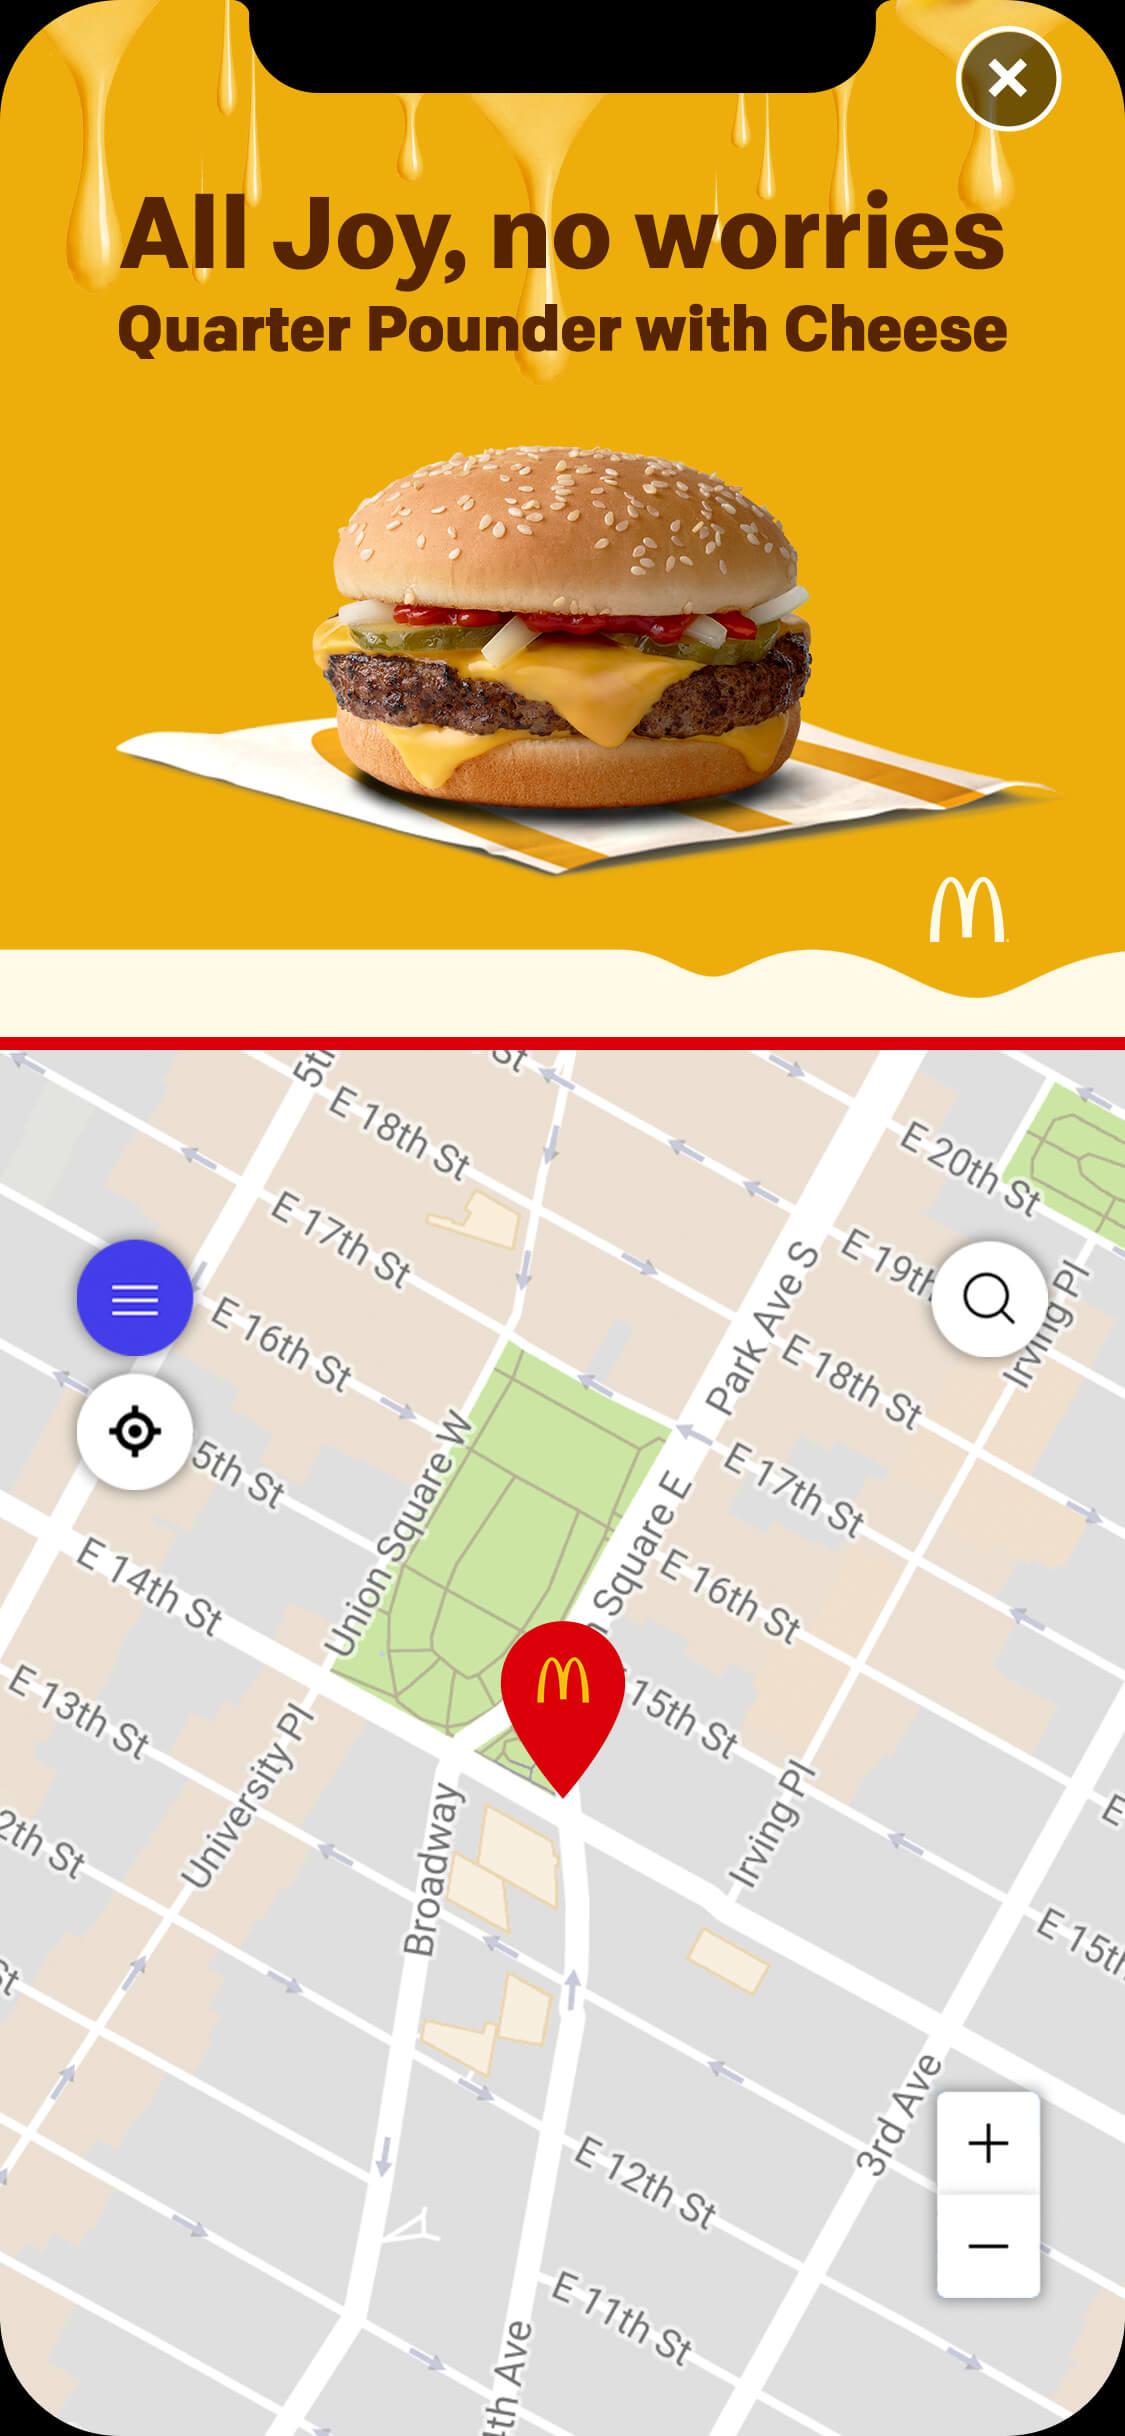 McDonalds_QPC_Mobile_App-IM_V2-Locator